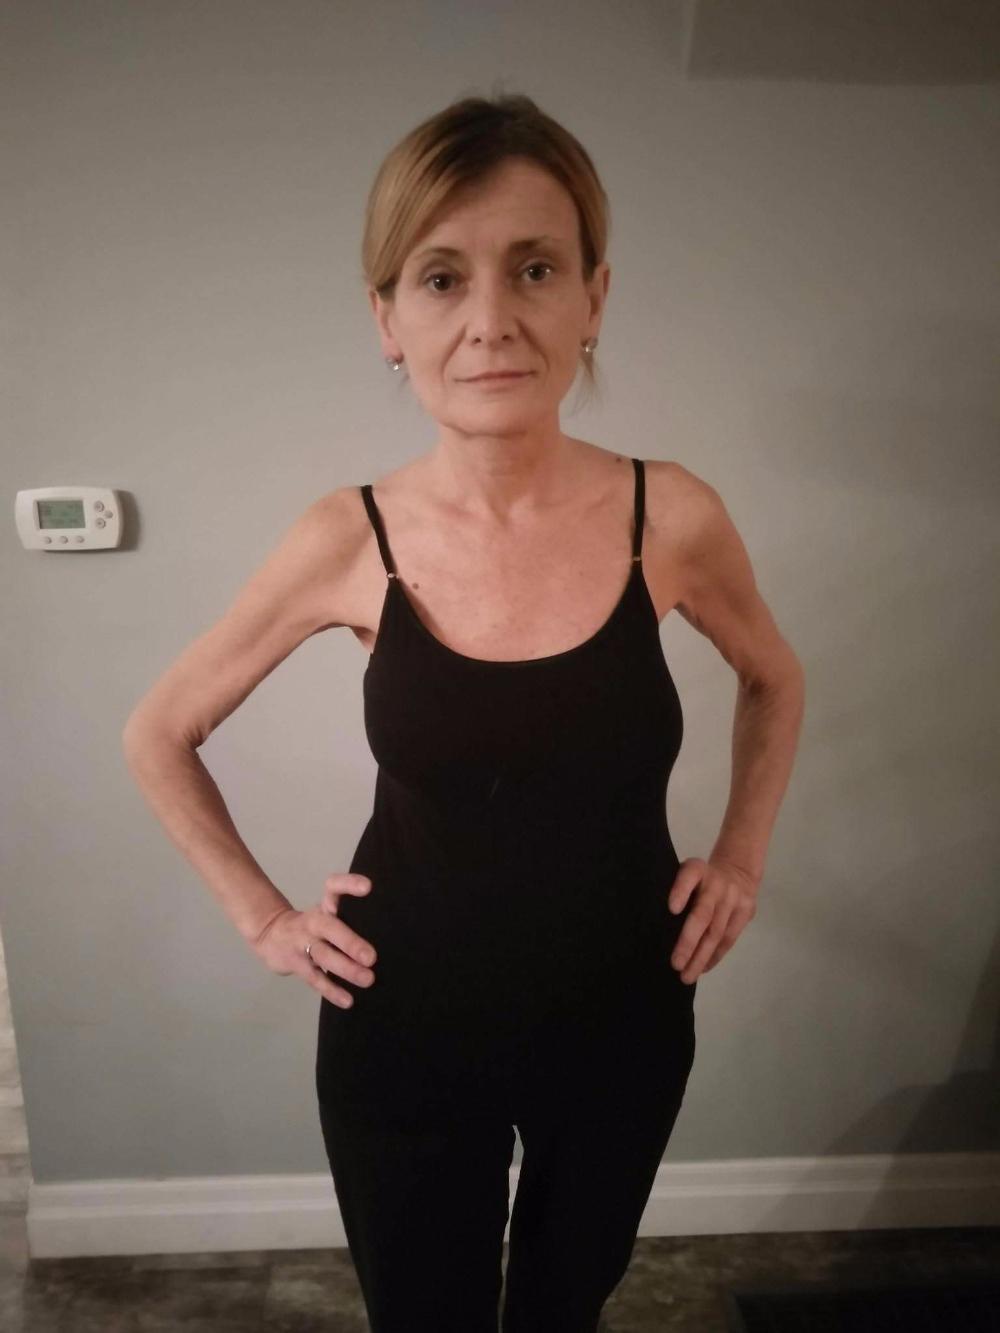 Fundraiser by Jess Wojdyło : My Mom's Cancer Treatment Fund